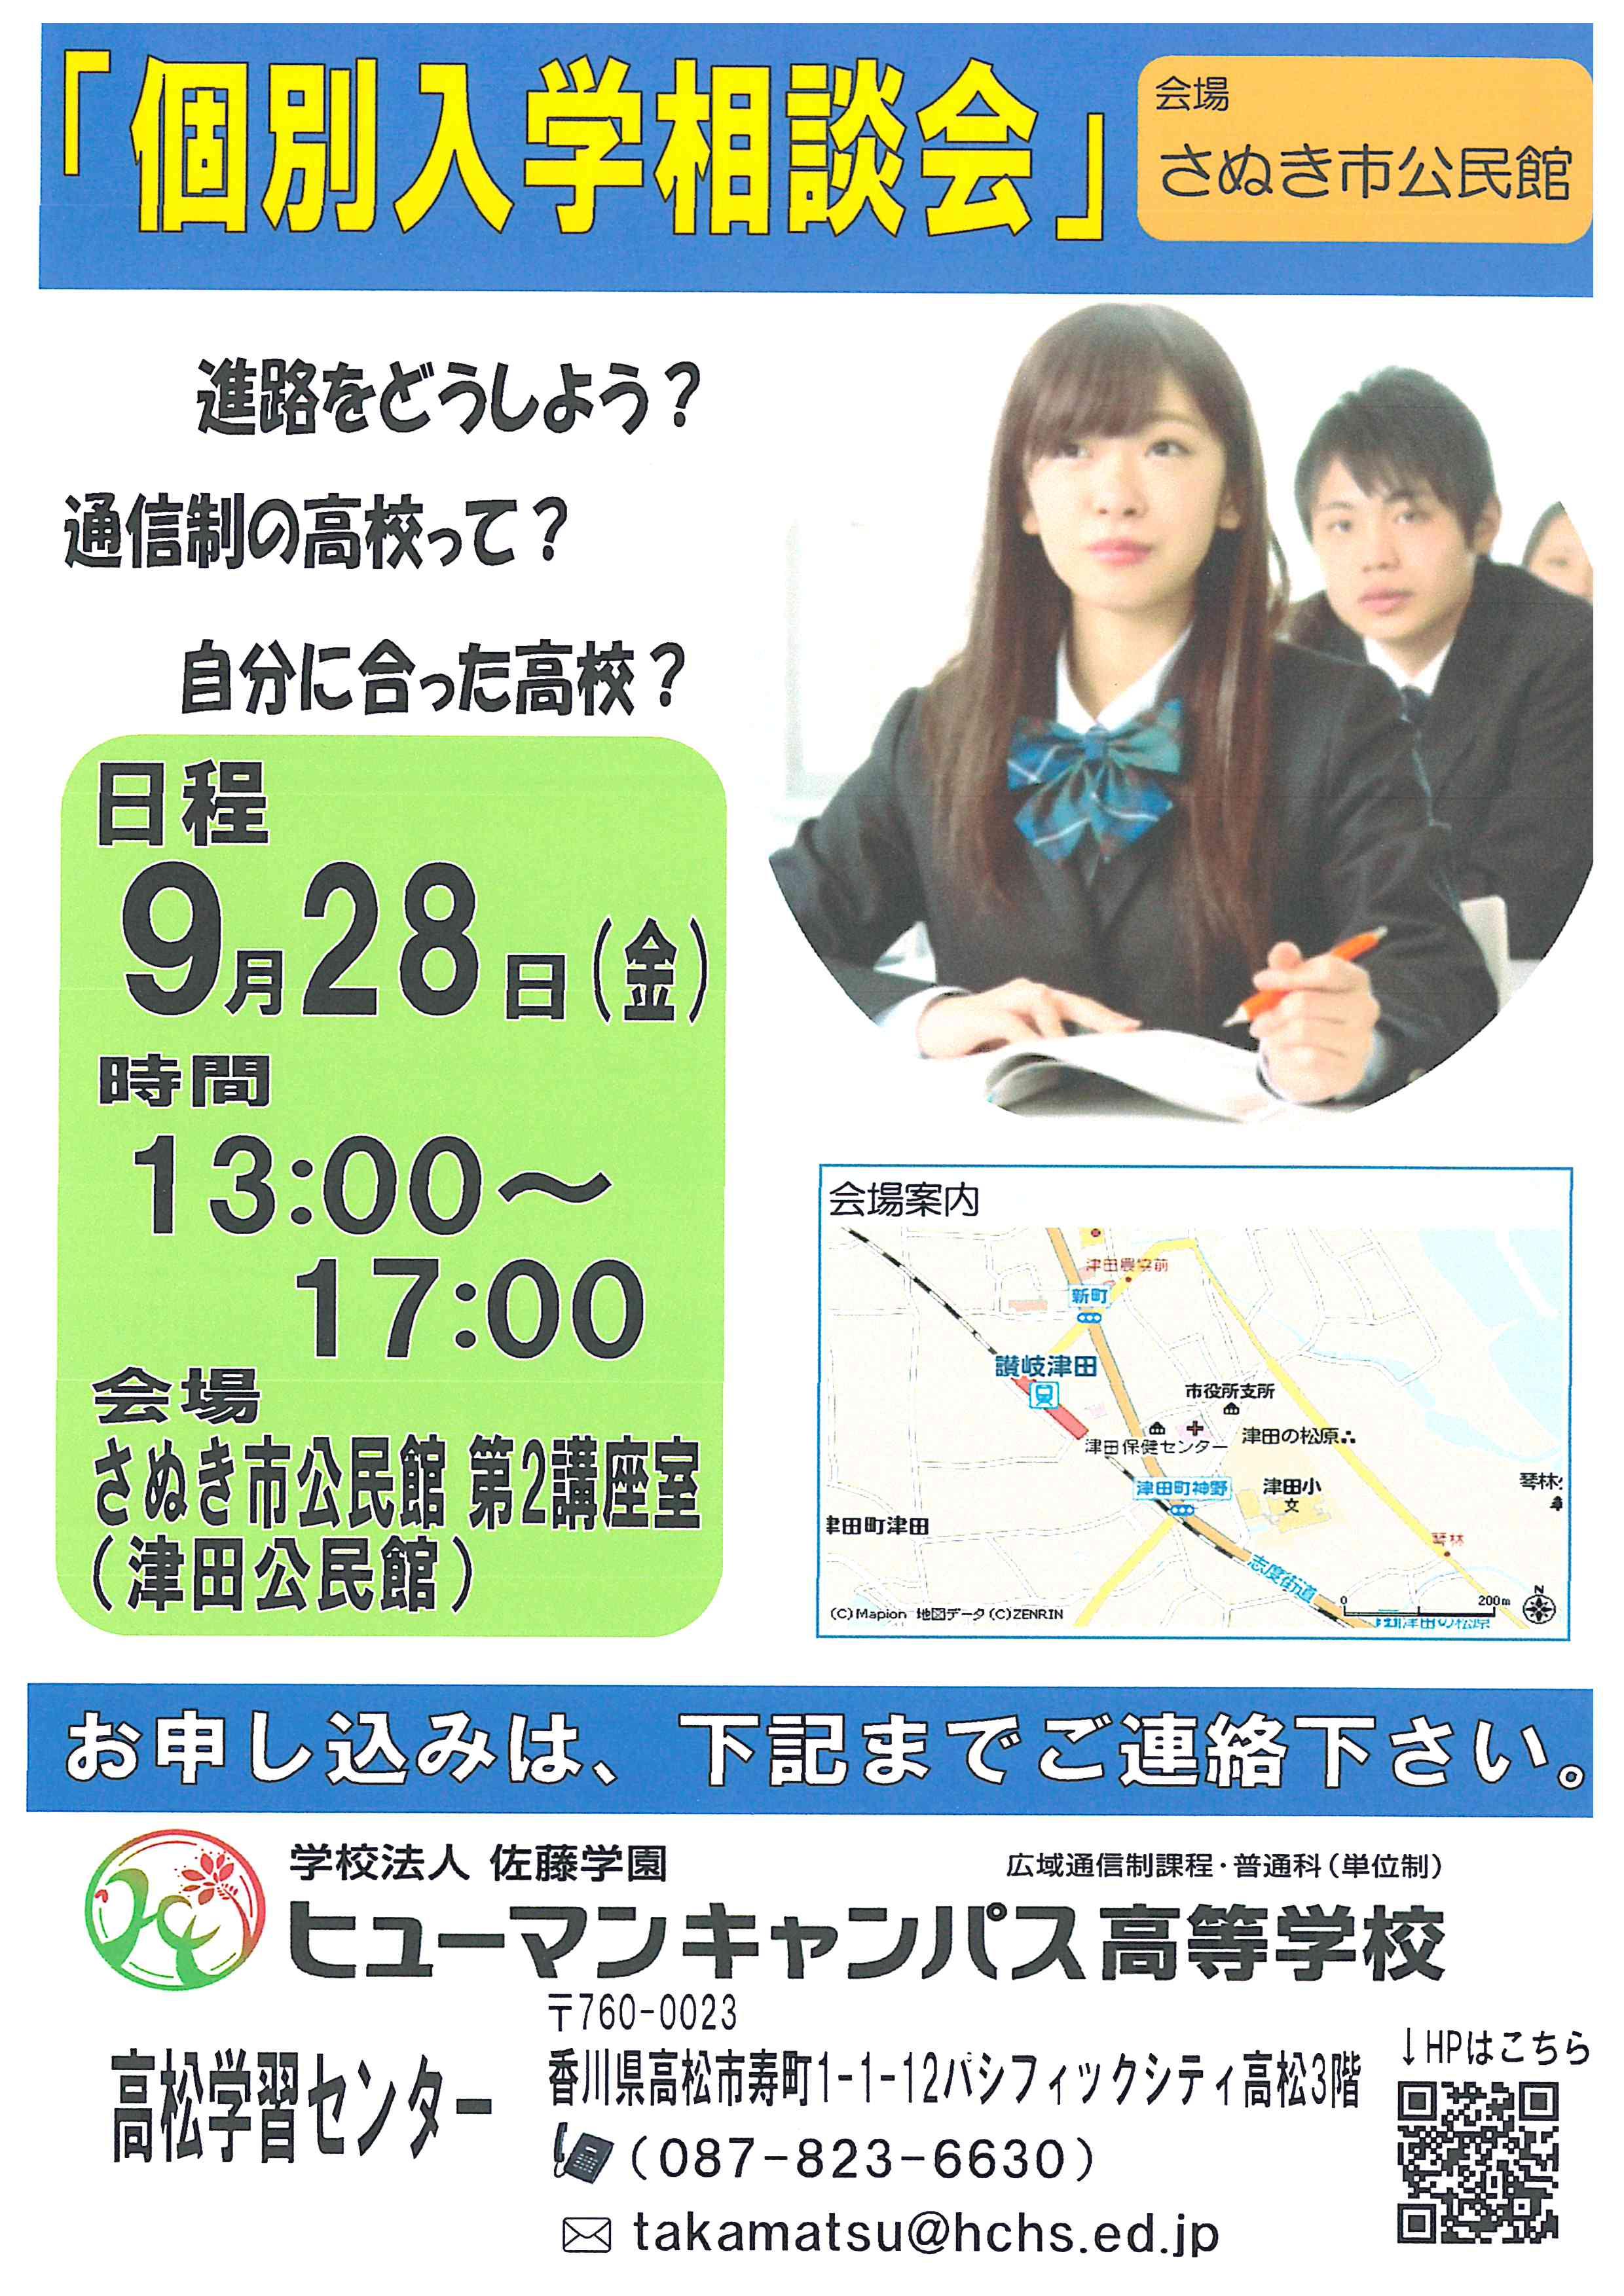 【高松】さぬき市・東かがわ市 相談会